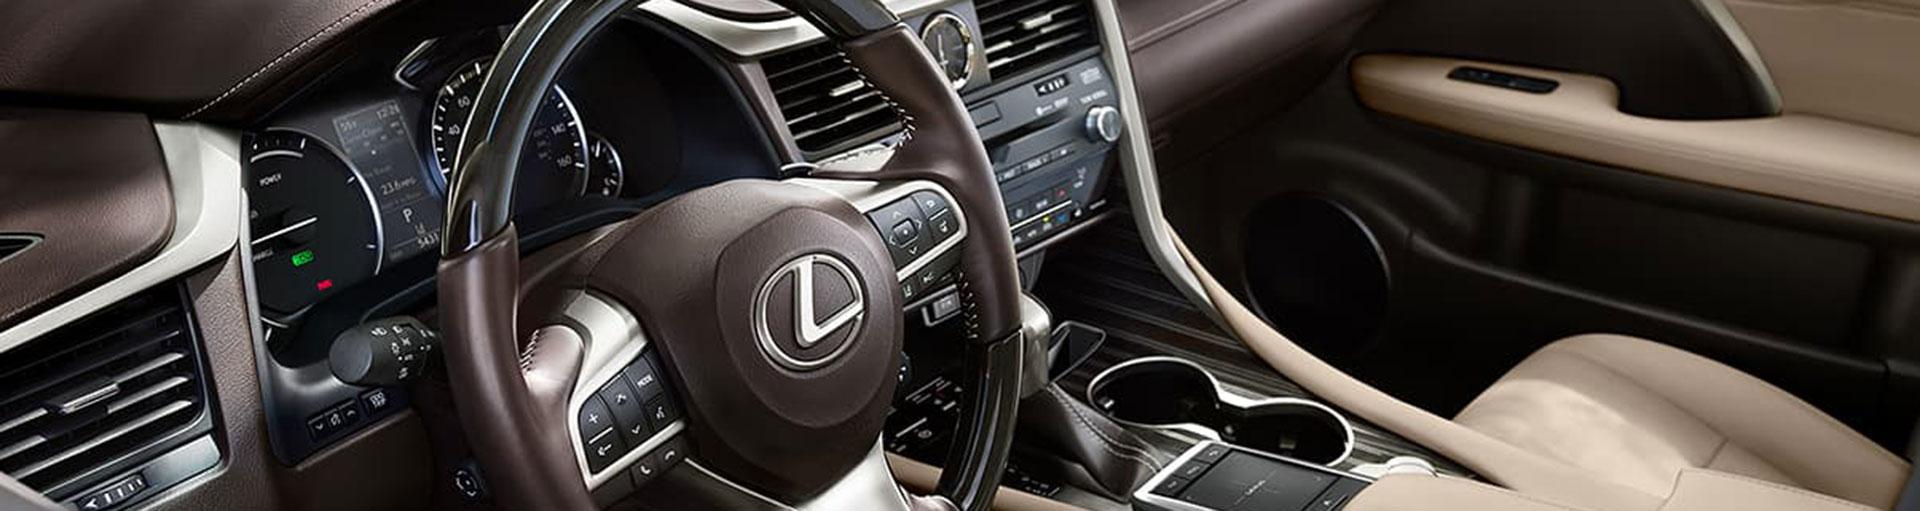 Lexus Transmission Services